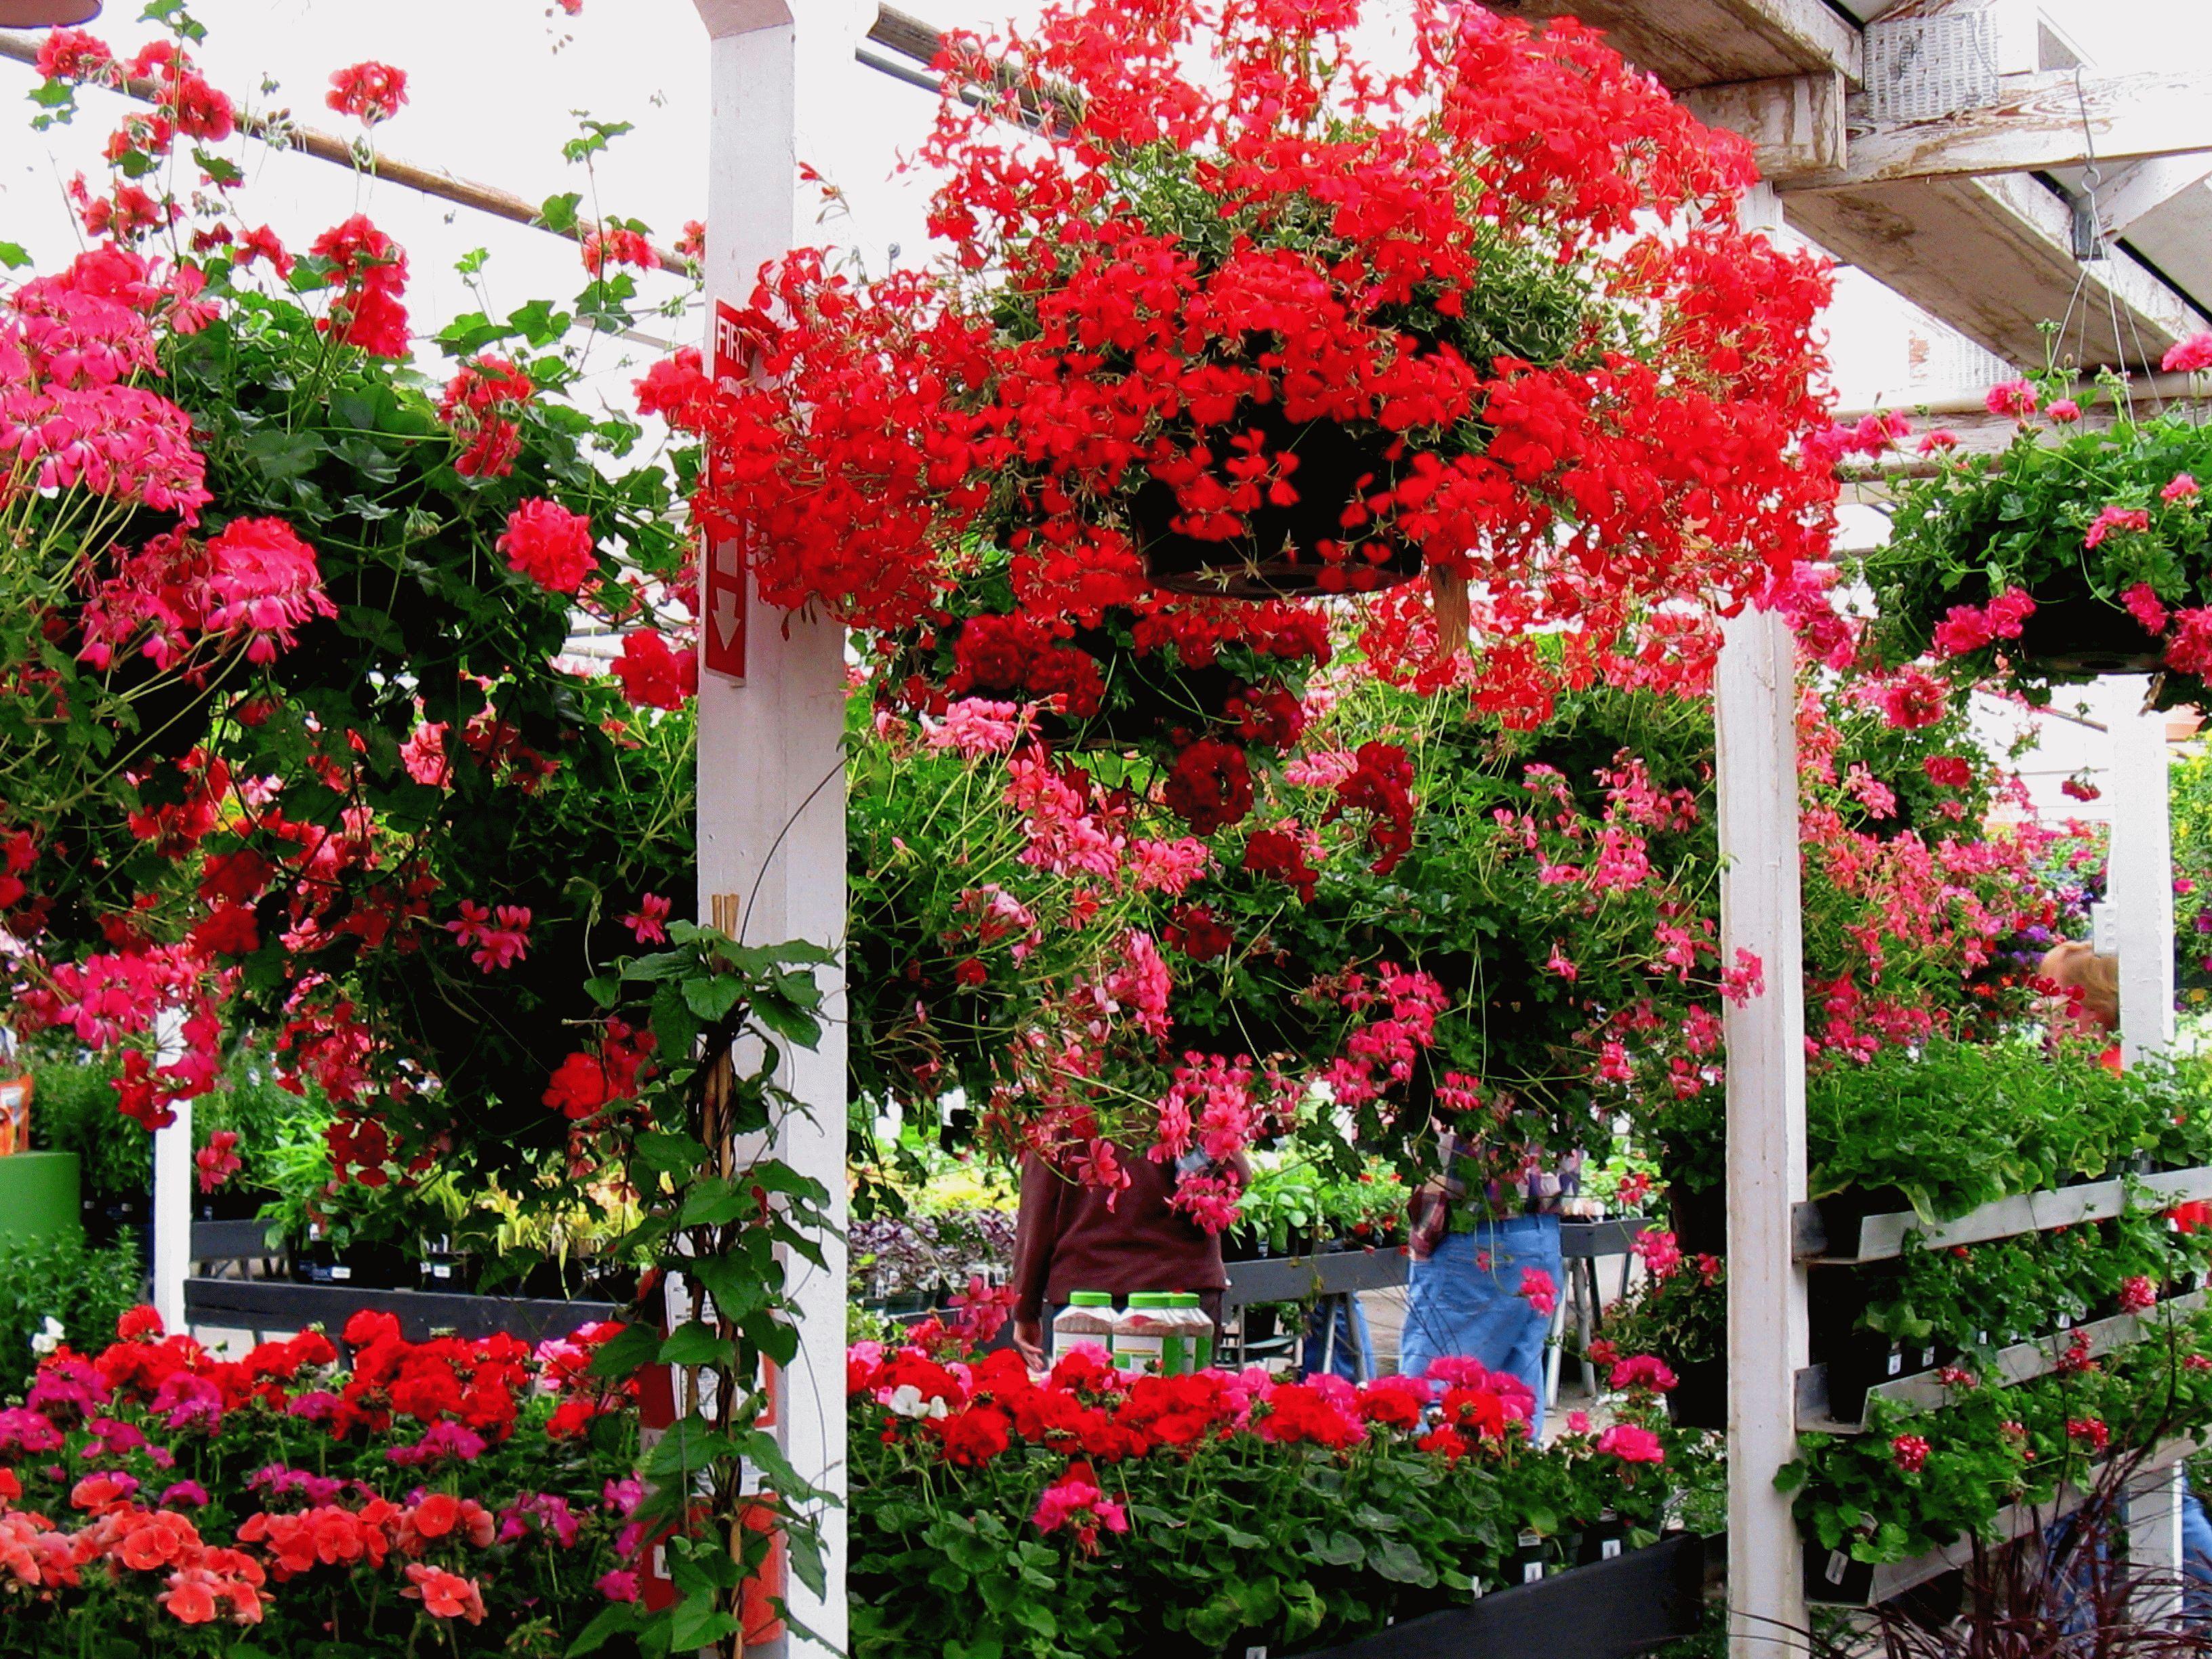 Выращивание цветов на продажу как бизнес